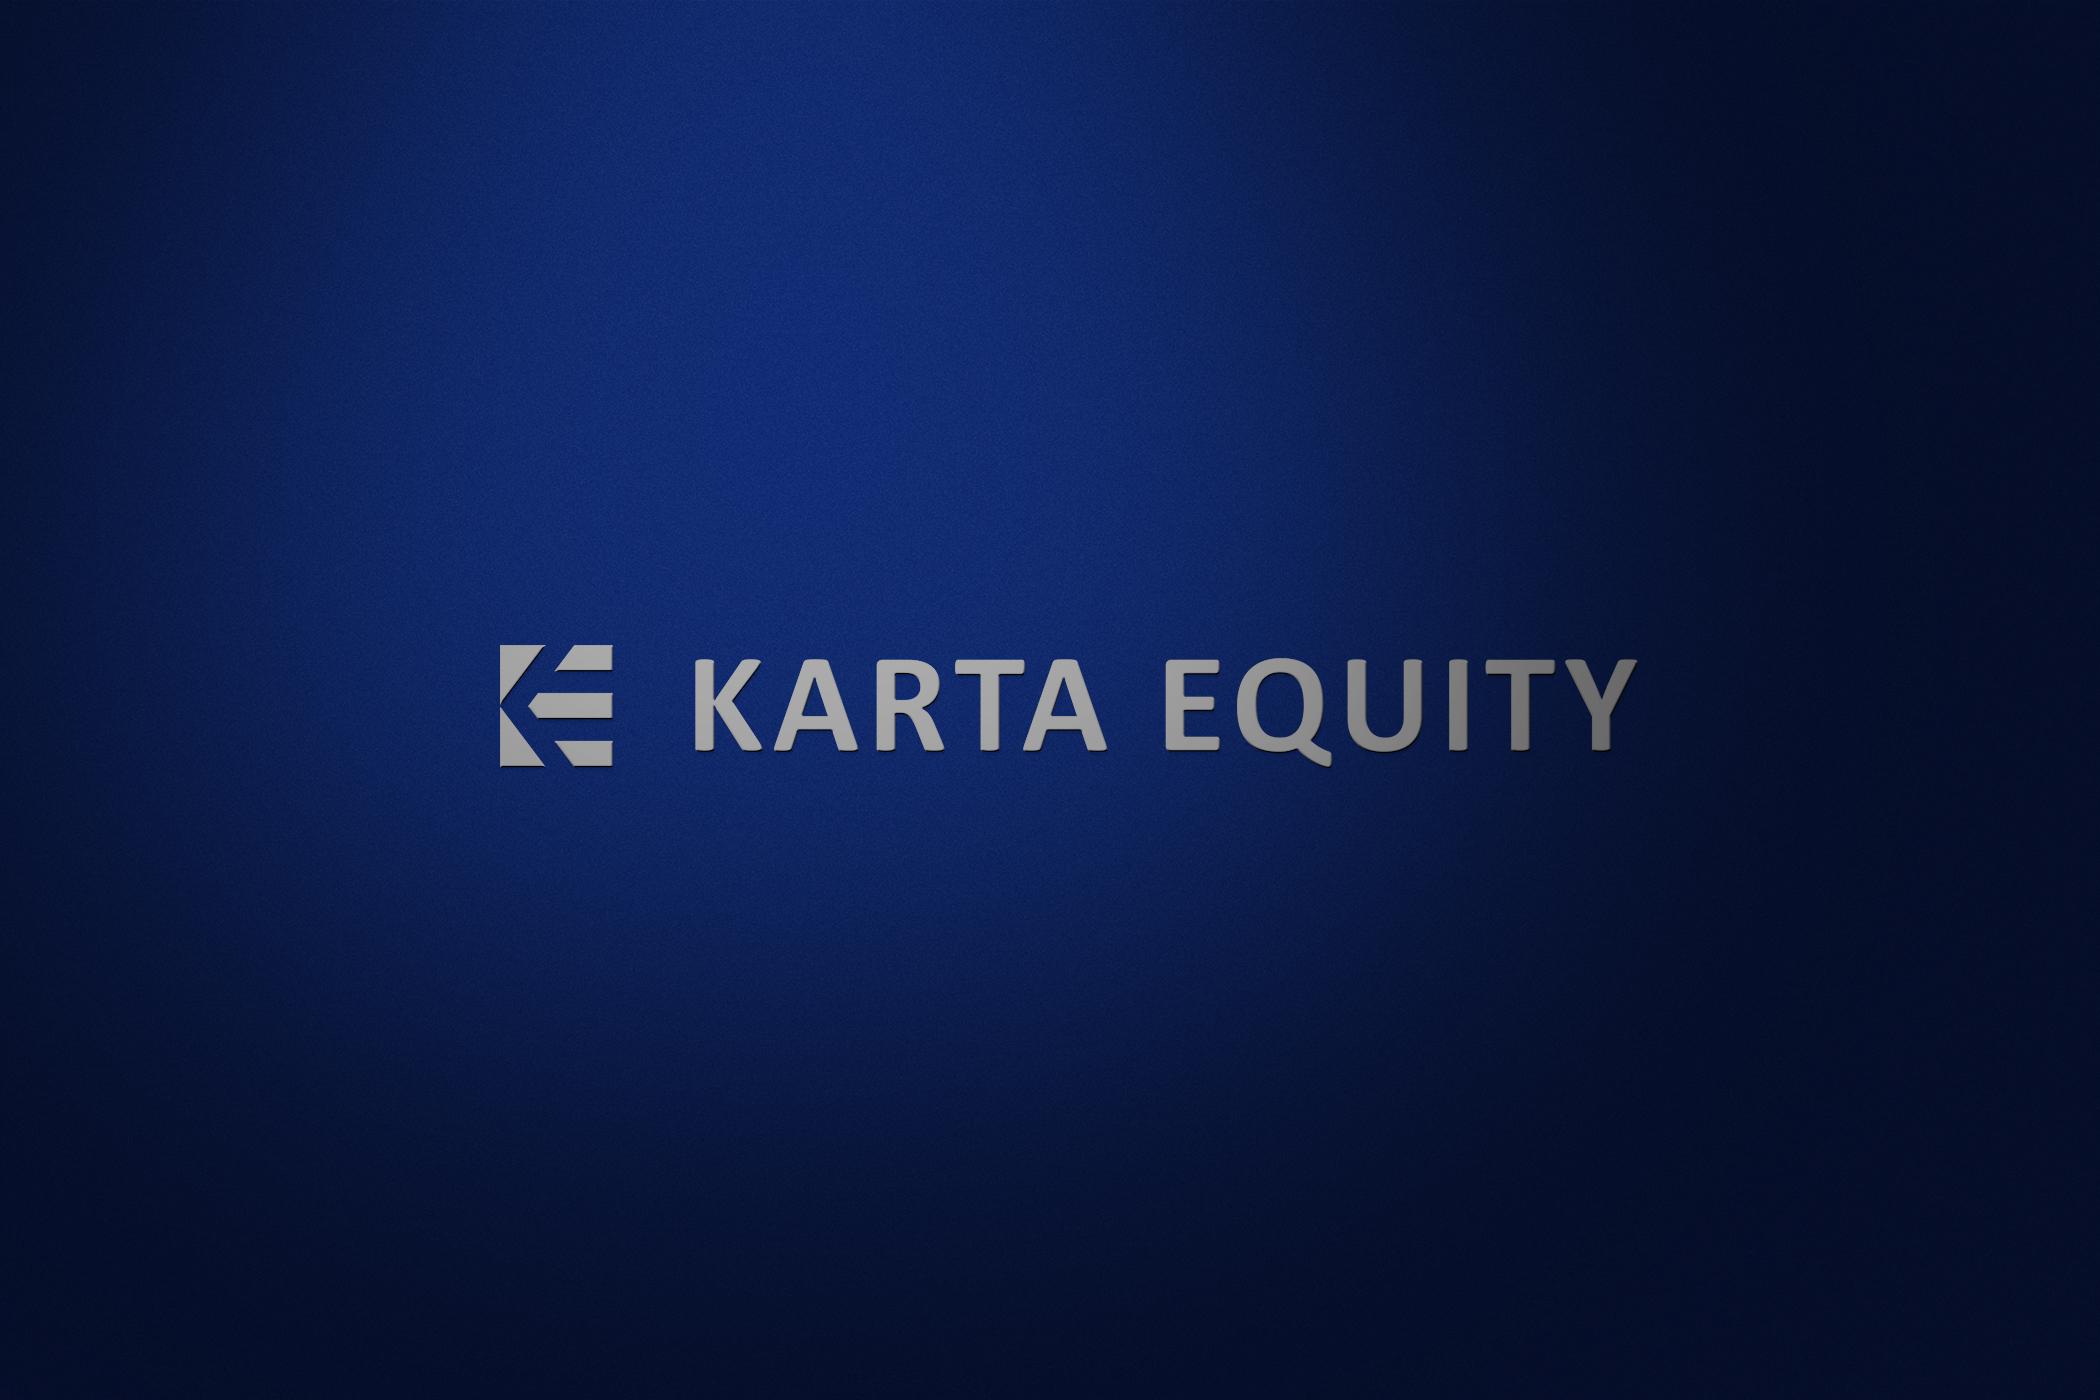 Логотип для компании инвестироваюшей в жилую недвижимость фото f_8955e1b6de960f40.jpg